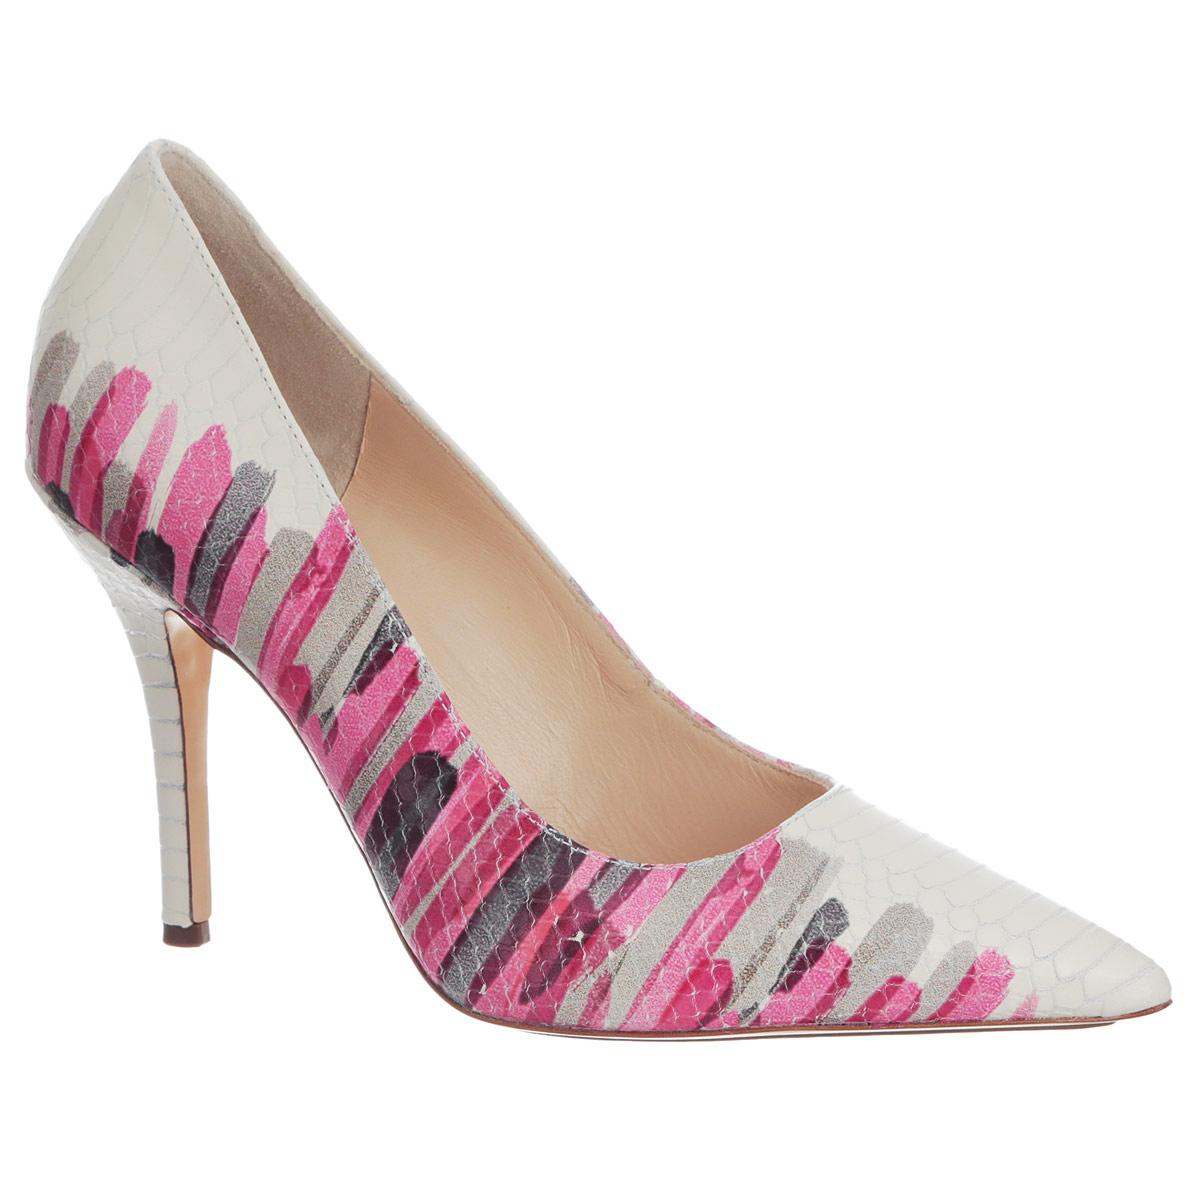 Туфли женские. 9108408499991084084999Оригинальные женские туфли от Hogl заинтересуют вас своим дизайном! Модель выполнена из натуральной высококачественной кожи и декорирована тиснением под рептилию . Туфли оформлены оригинальным узором, напоминающим мазки кисти художника. Заостренный вытянутый носок смотрится невероятно женственно. Подкладка и стелька из натуральной кожи обеспечивают максимальный комфорт при ходьбе. Высокий каблук дополнен противоскользящим рифлением. Модные туфли займут достойное место среди вашей коллекции обуви.